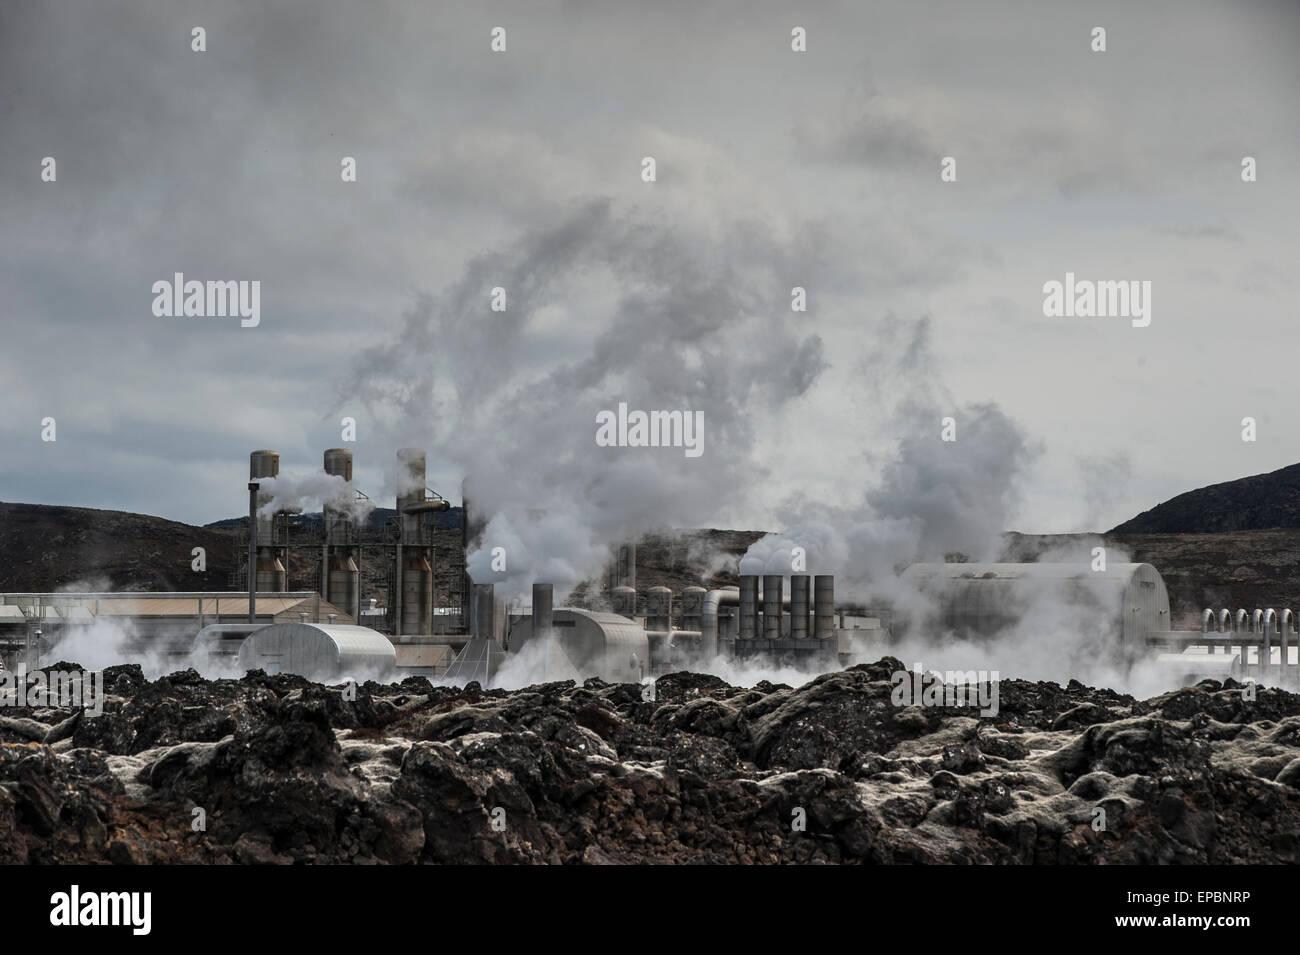 Planta de energía geotérmica en Islandia Imagen De Stock